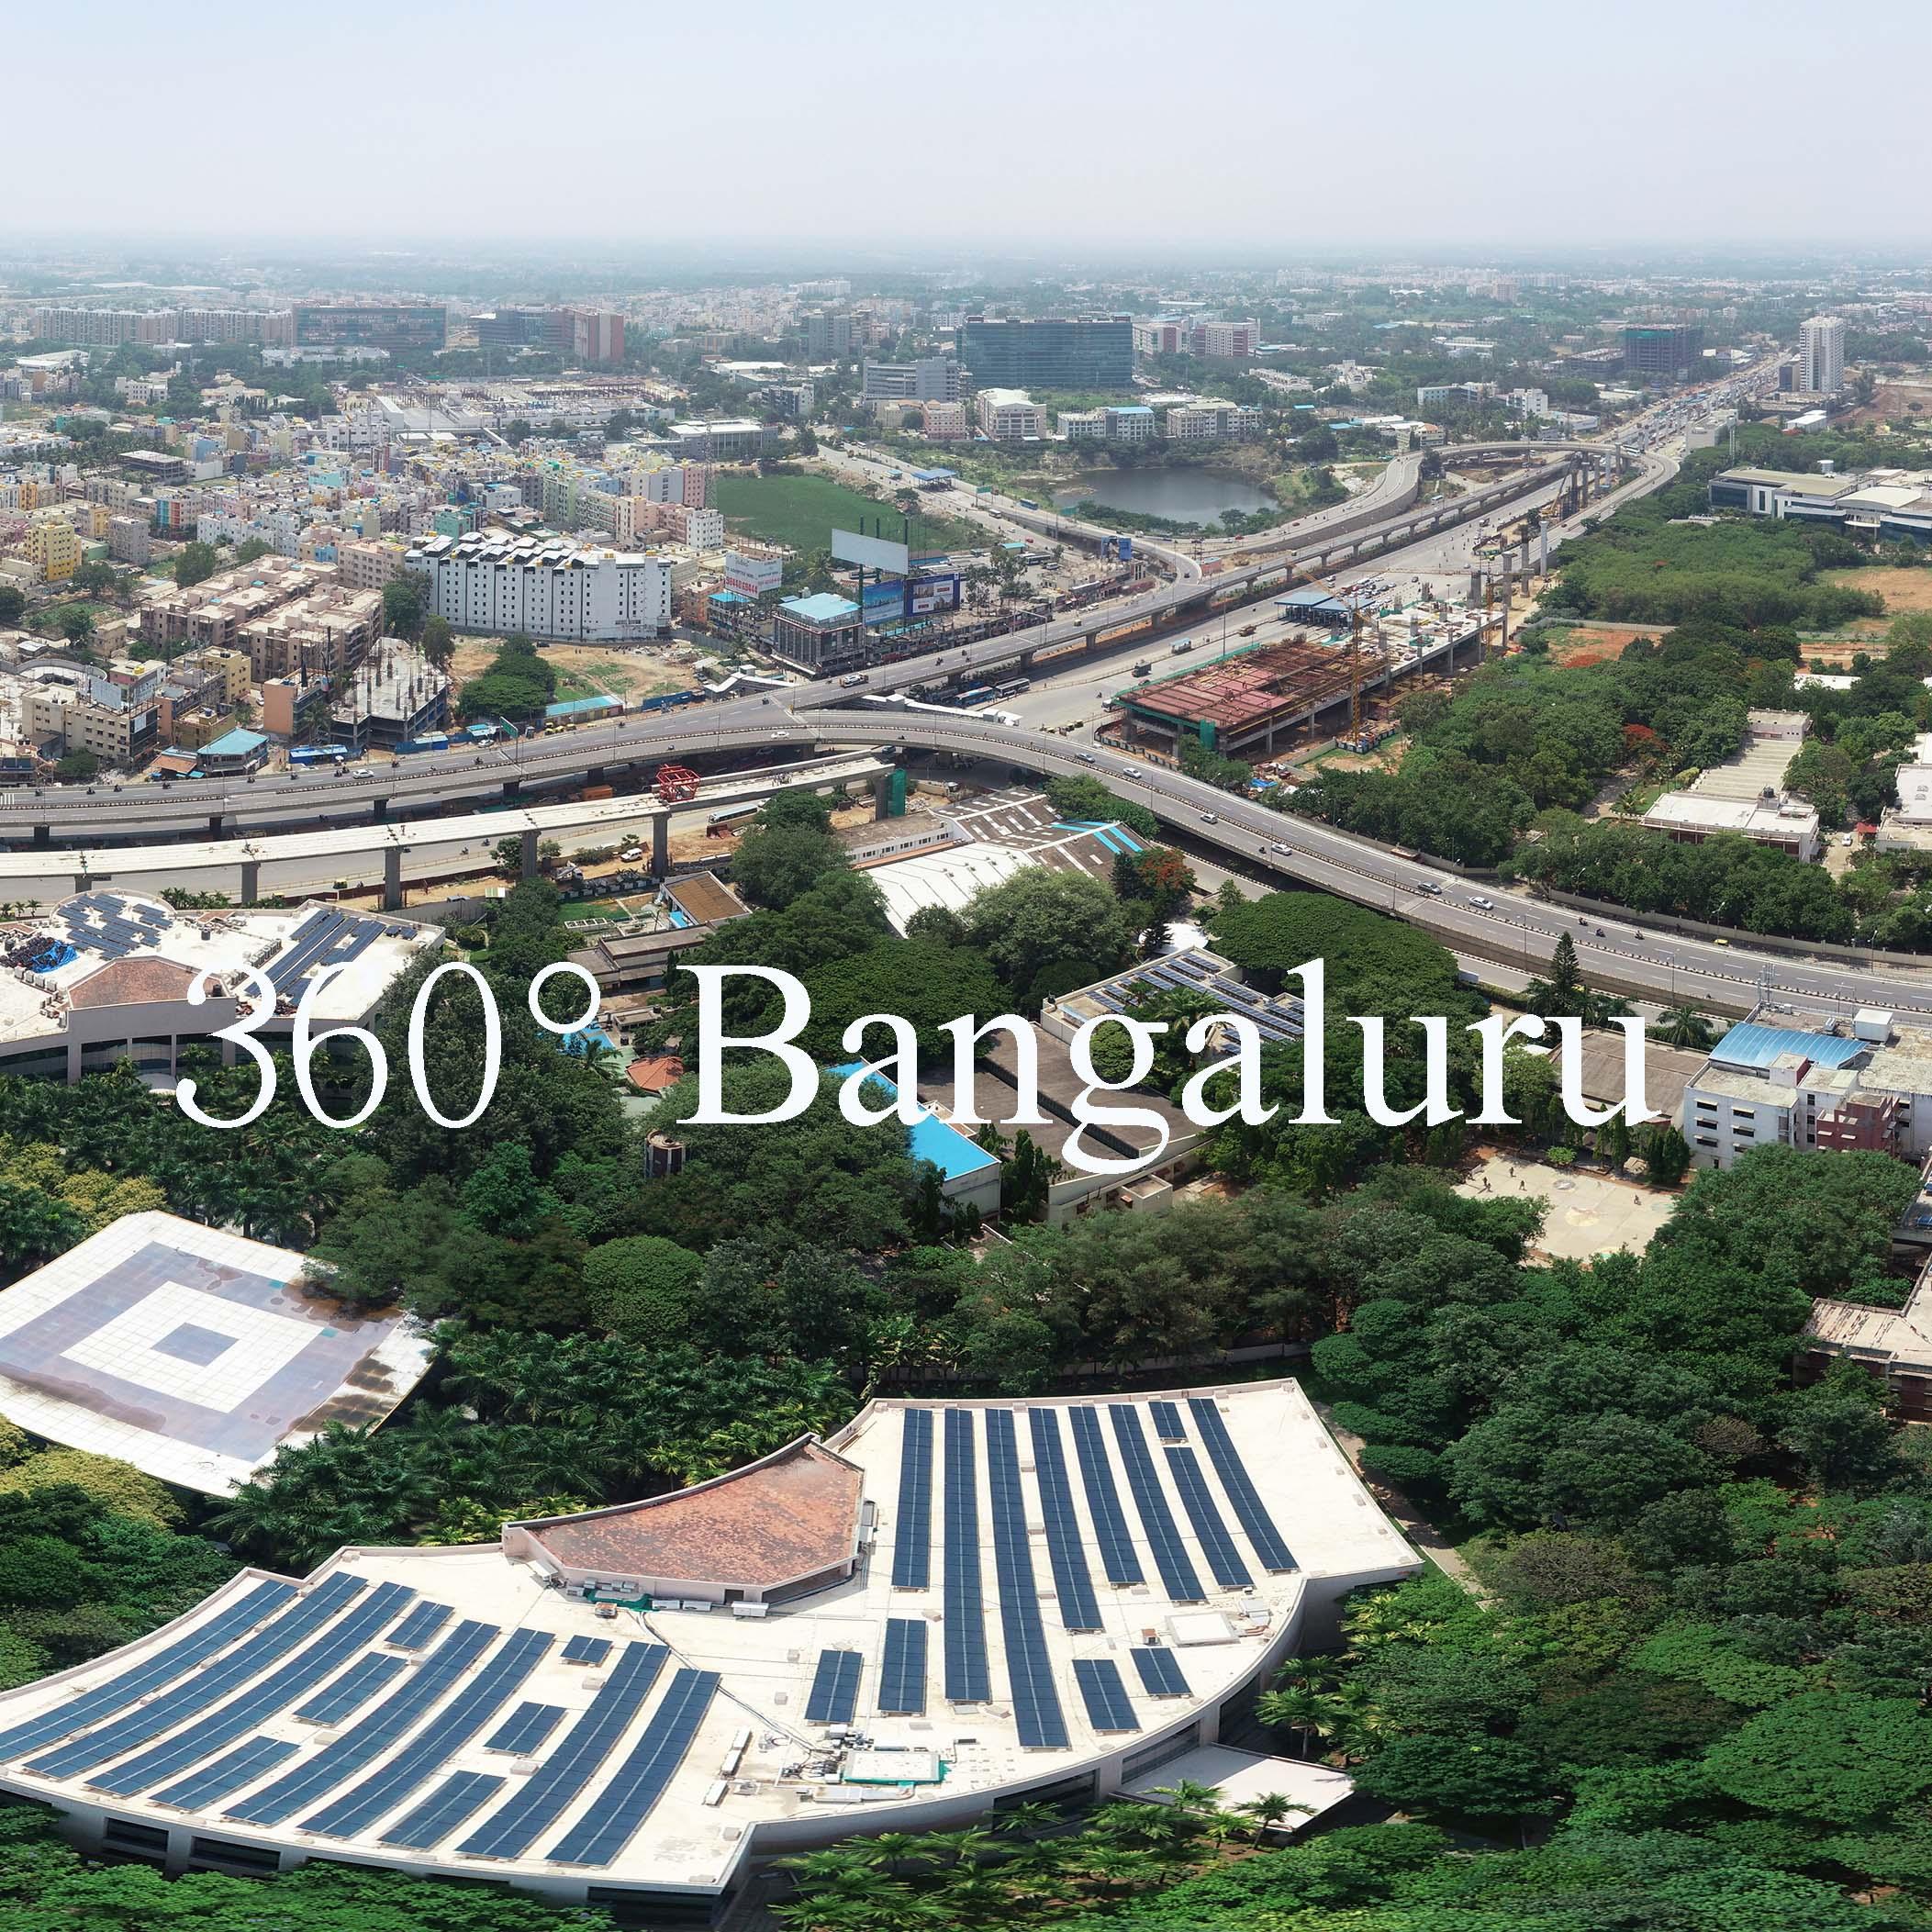 360-photography-company